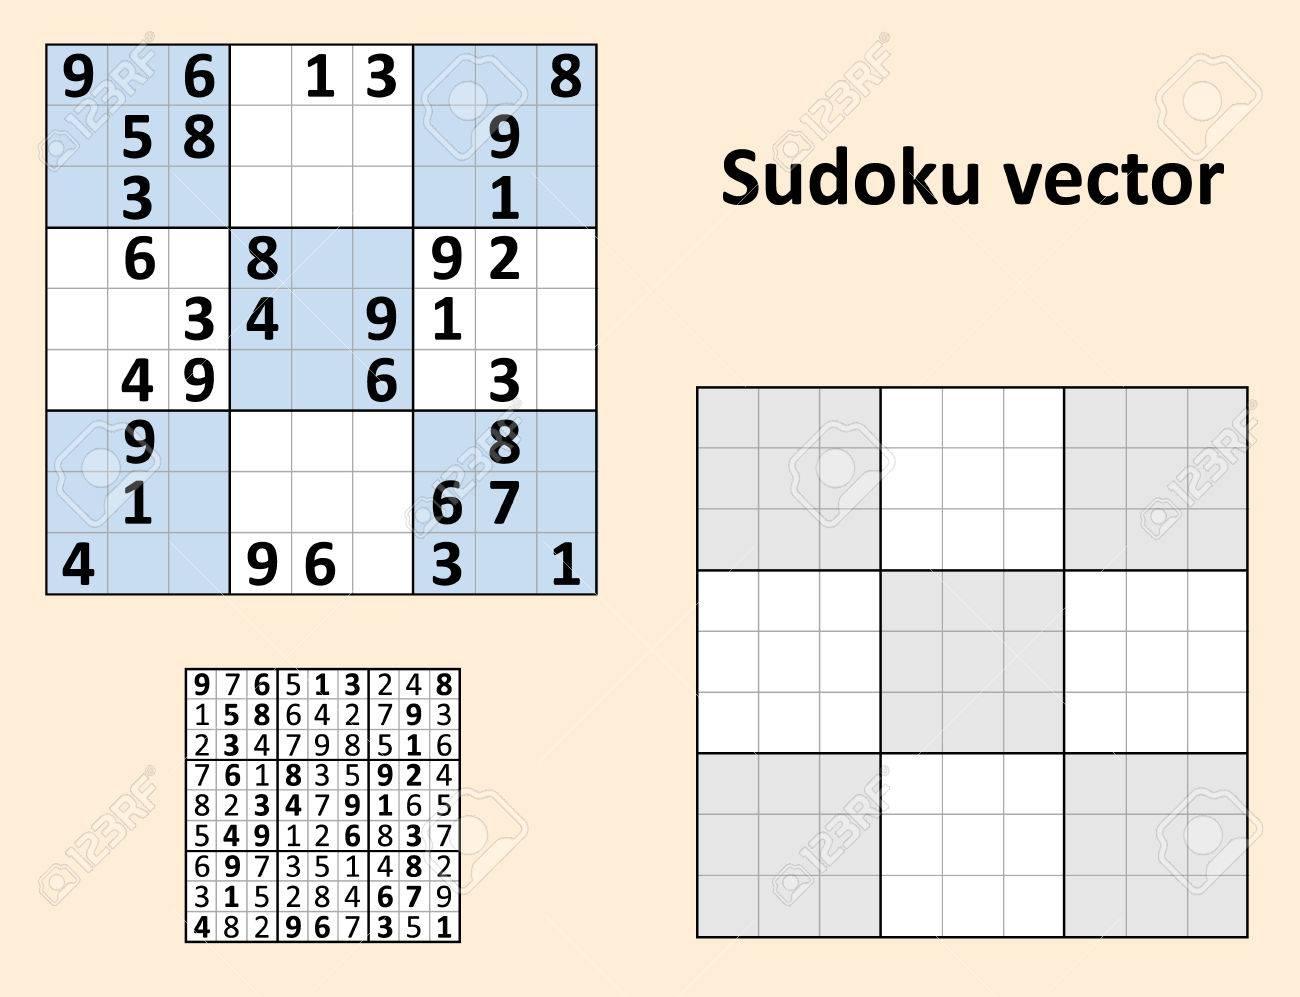 Symétrique Sudoku Avec Des Réponses. Définir Modèle Vierge. dedans Sudoku Vierge